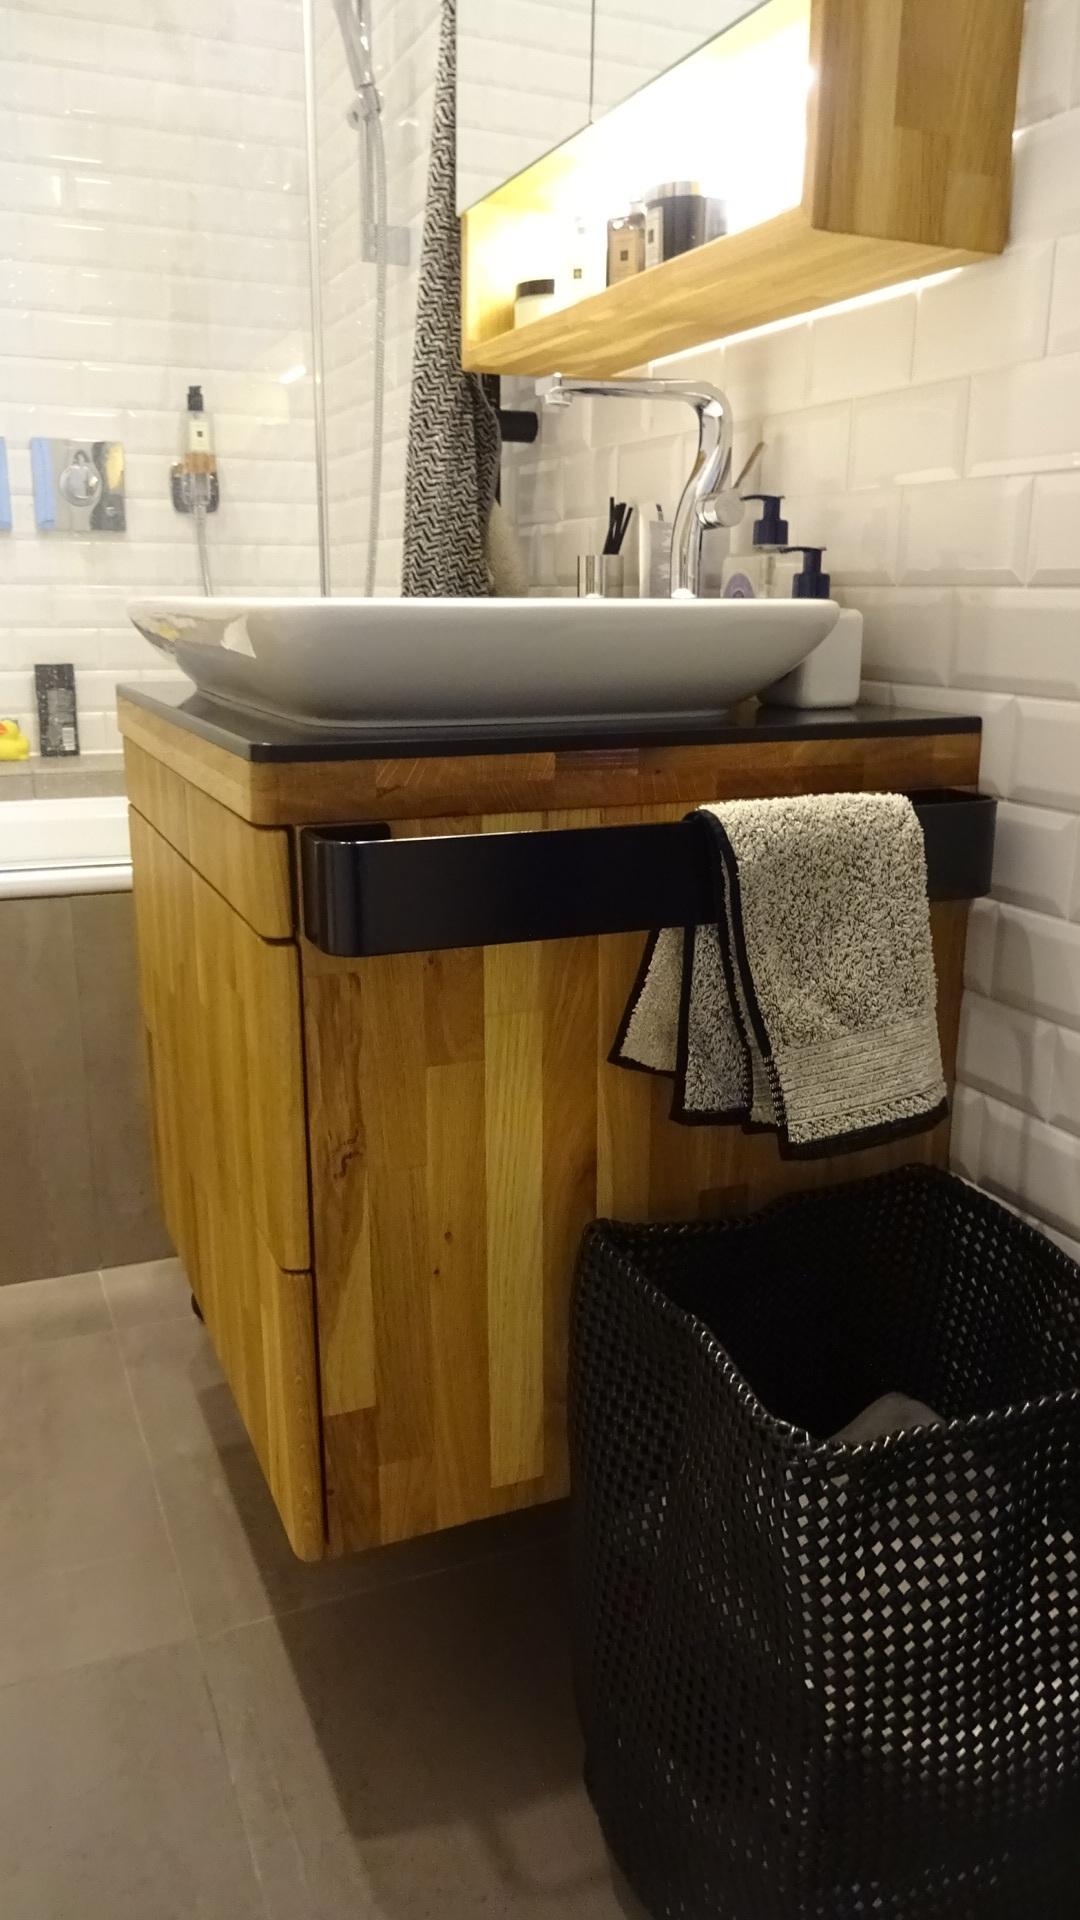 Fürdőszoba - fontosak a részletek